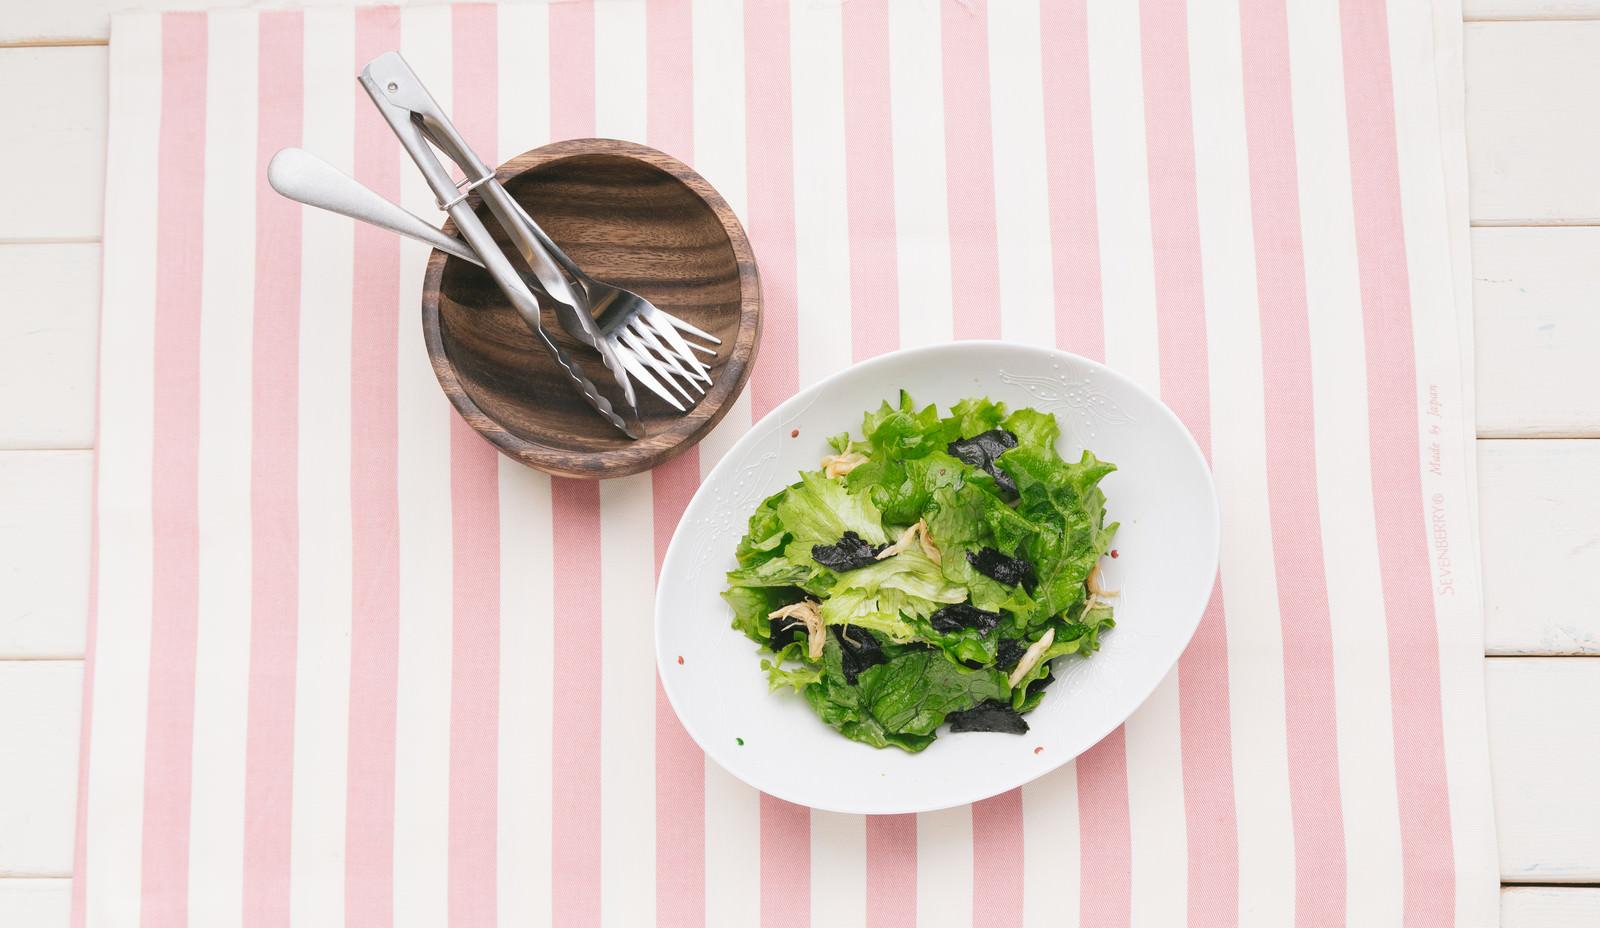 「サラダを取り分けるサラダを取り分ける」のフリー写真素材を拡大